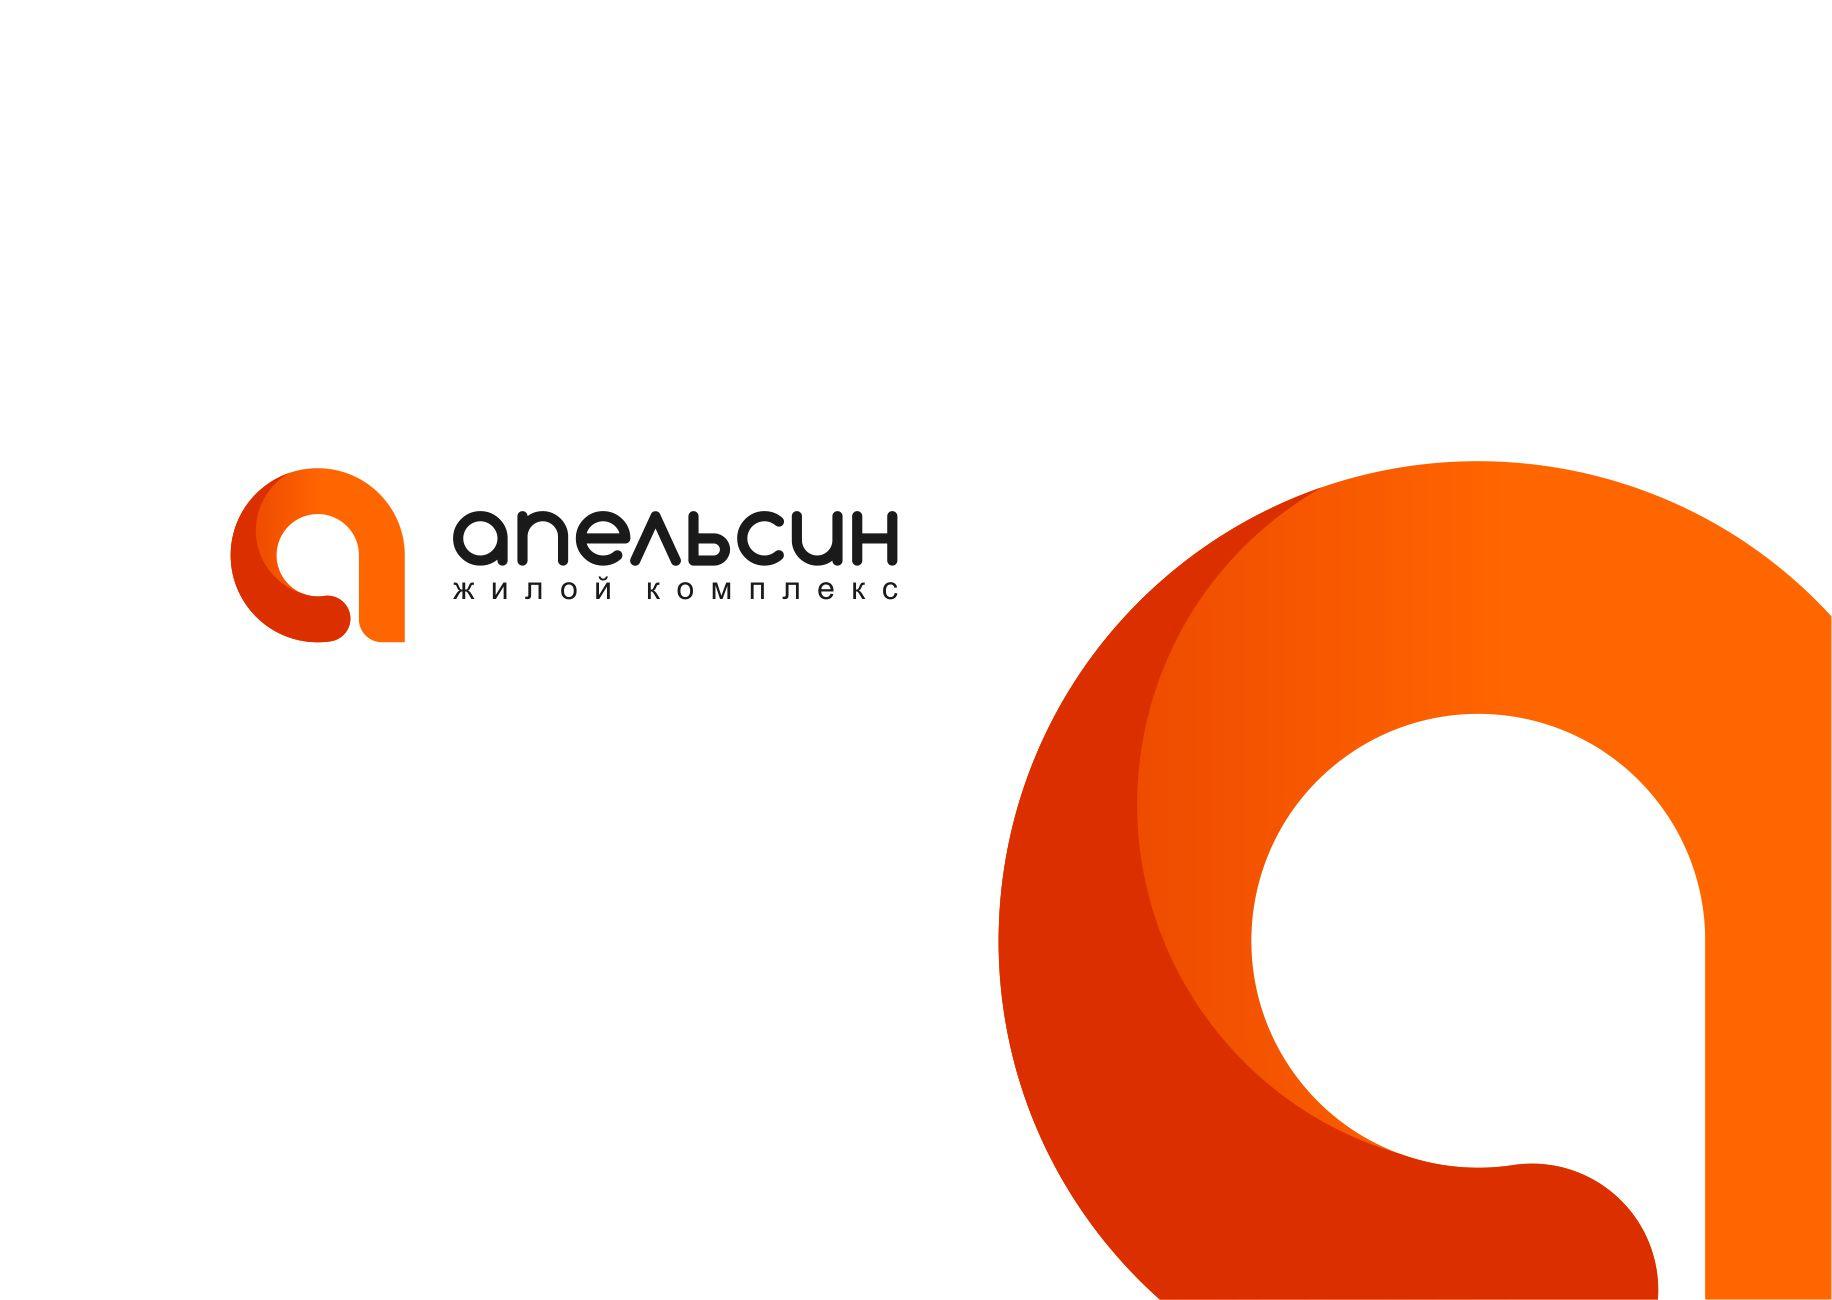 Логотип и фирменный стиль фото f_2475a5a82769cb39.jpg